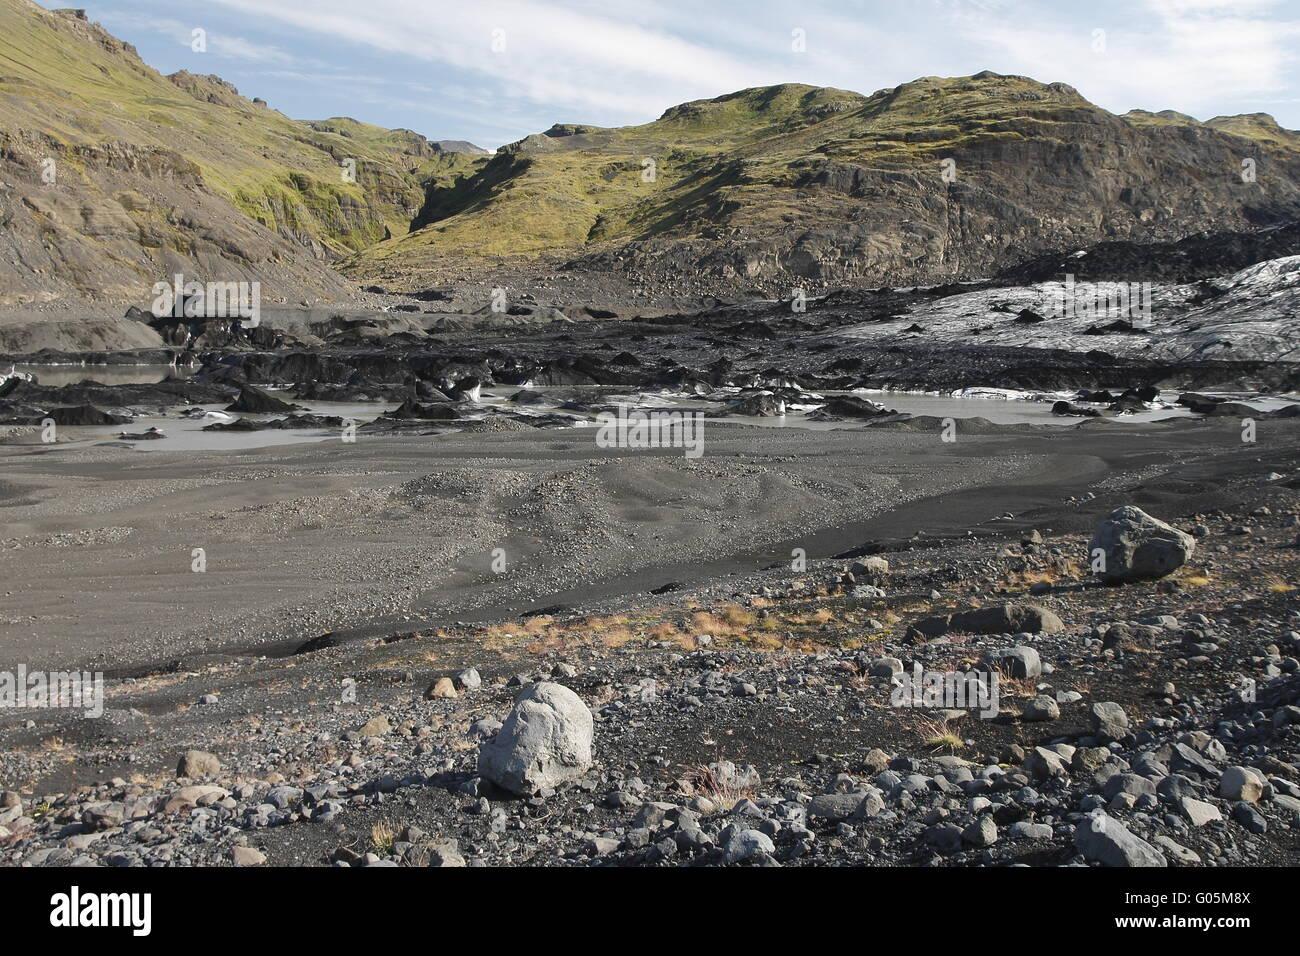 Sólheimajökull - einer der Outlet-Gletscher (Gletscherzungen) der Mýrdalsjökull Eiskappe Stockbild